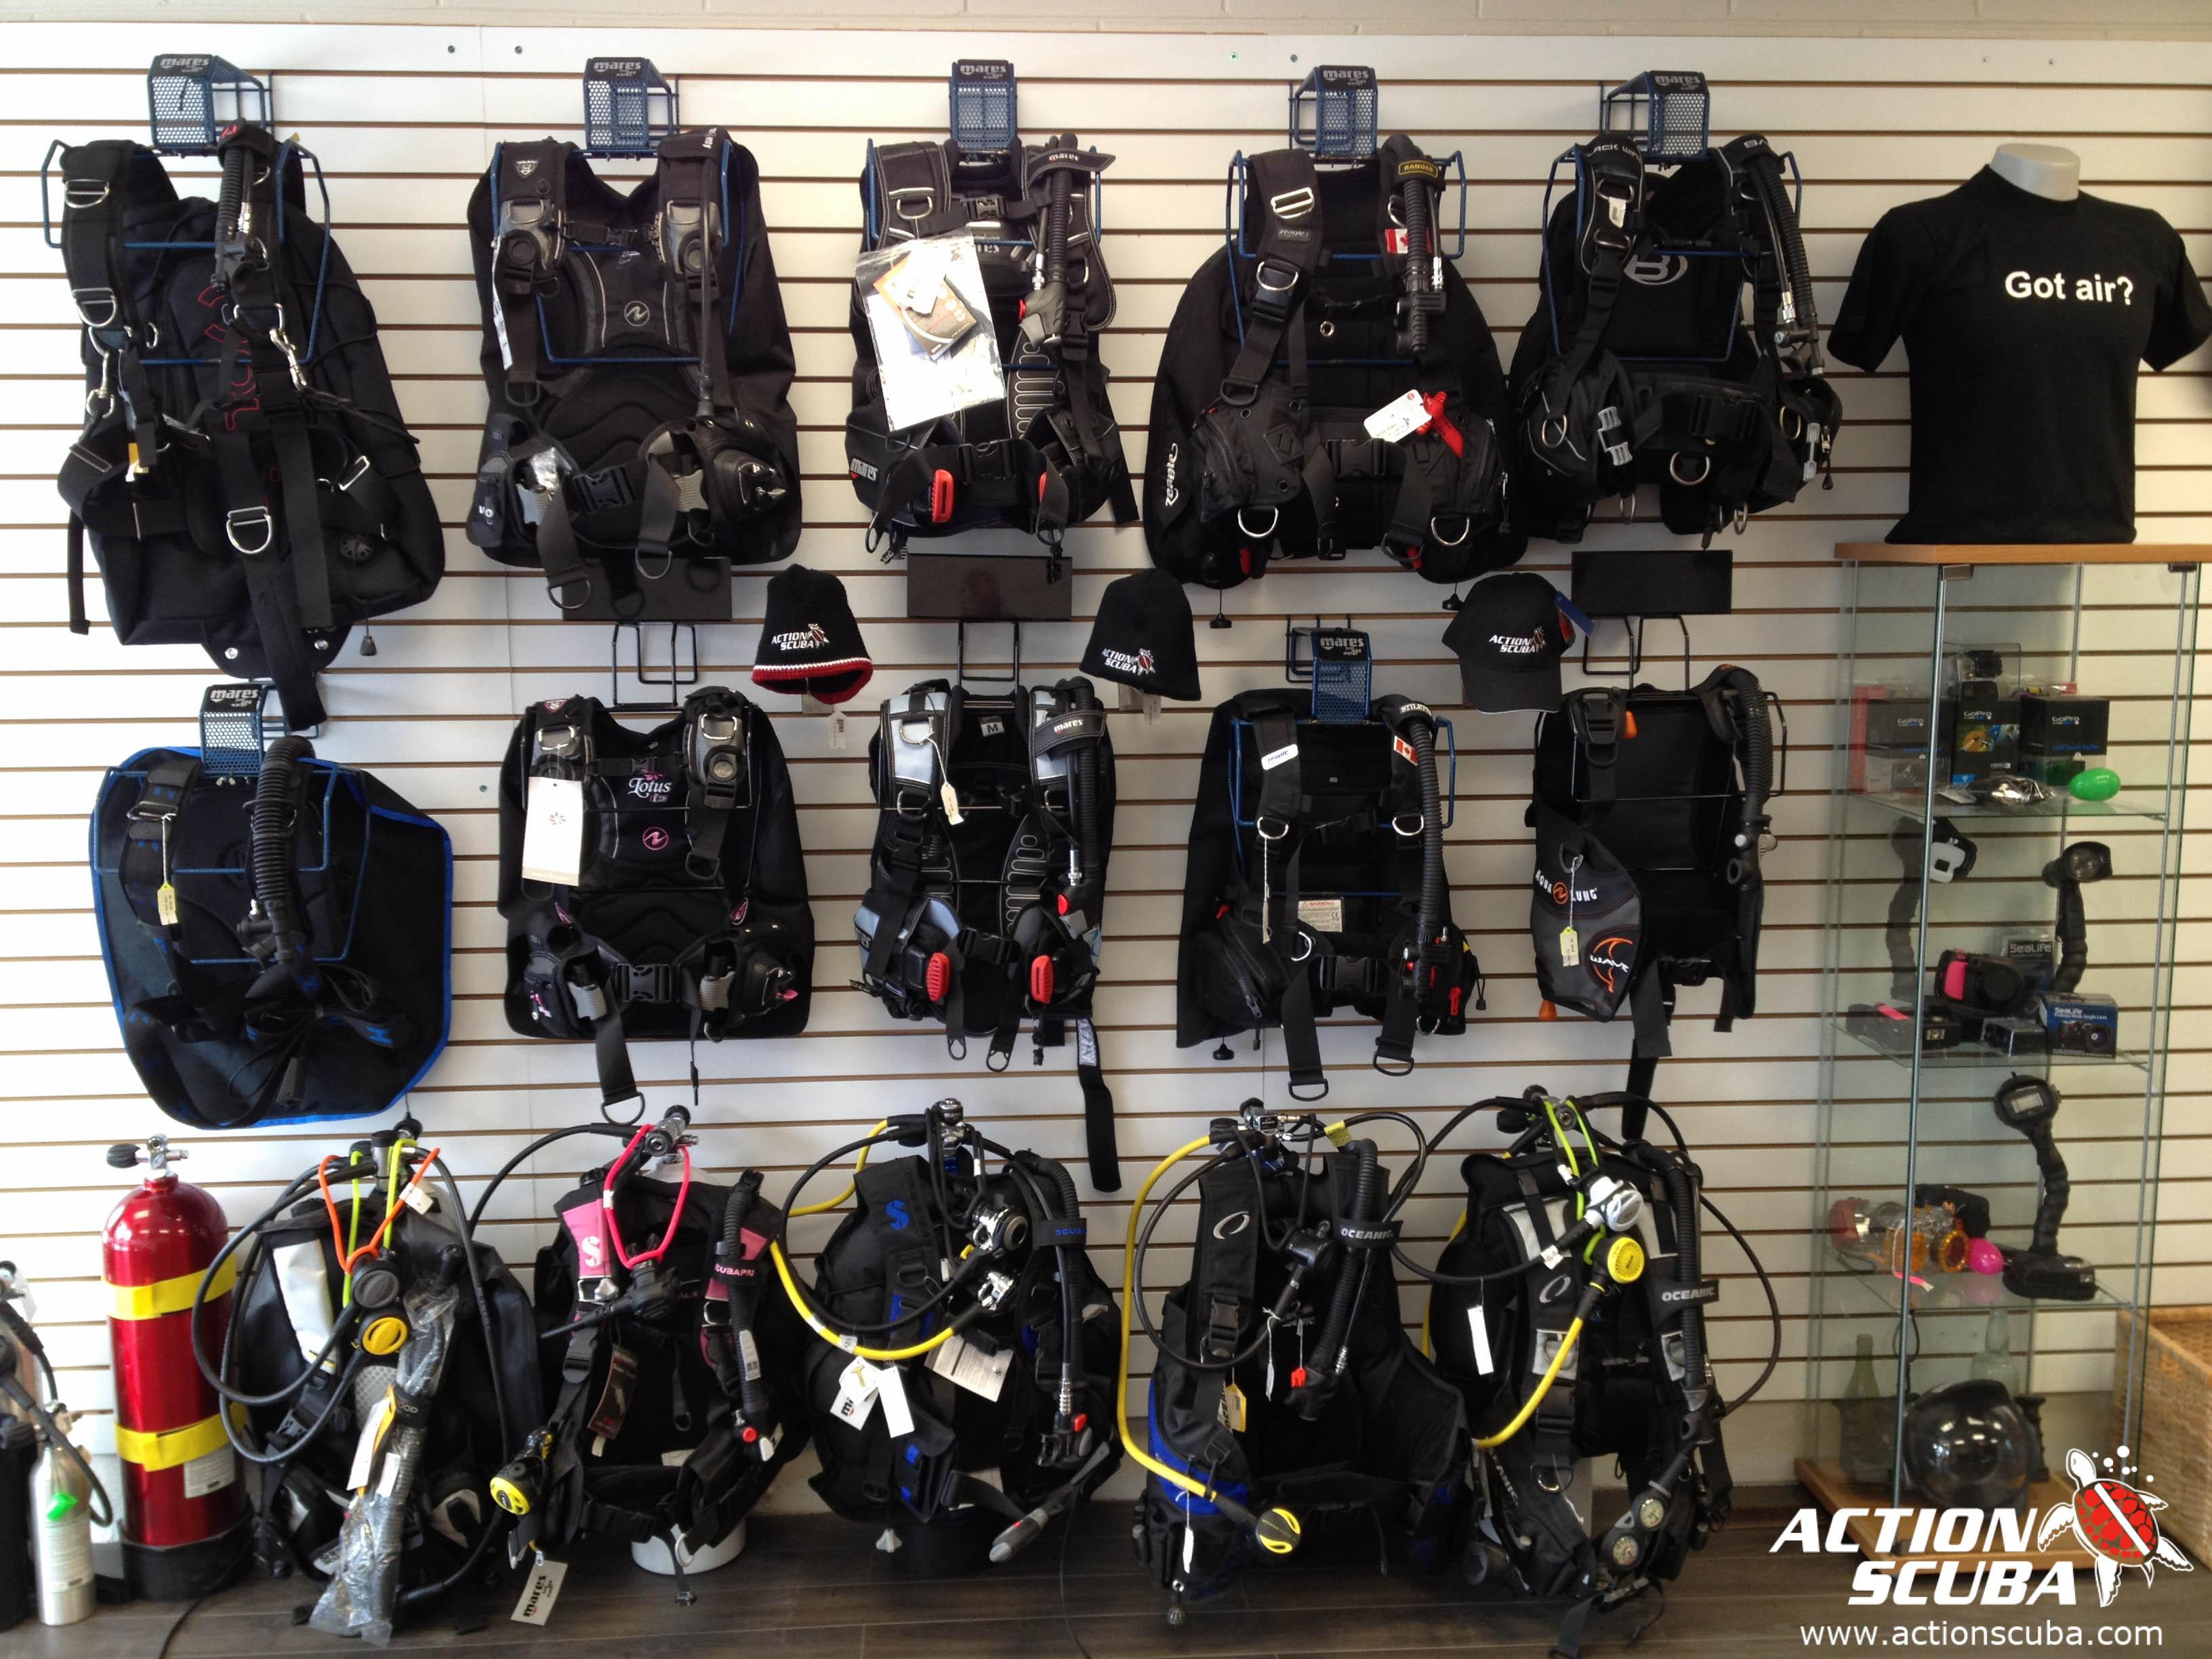 Montreal scuba diving shop action scuba dive gear for The dive shop